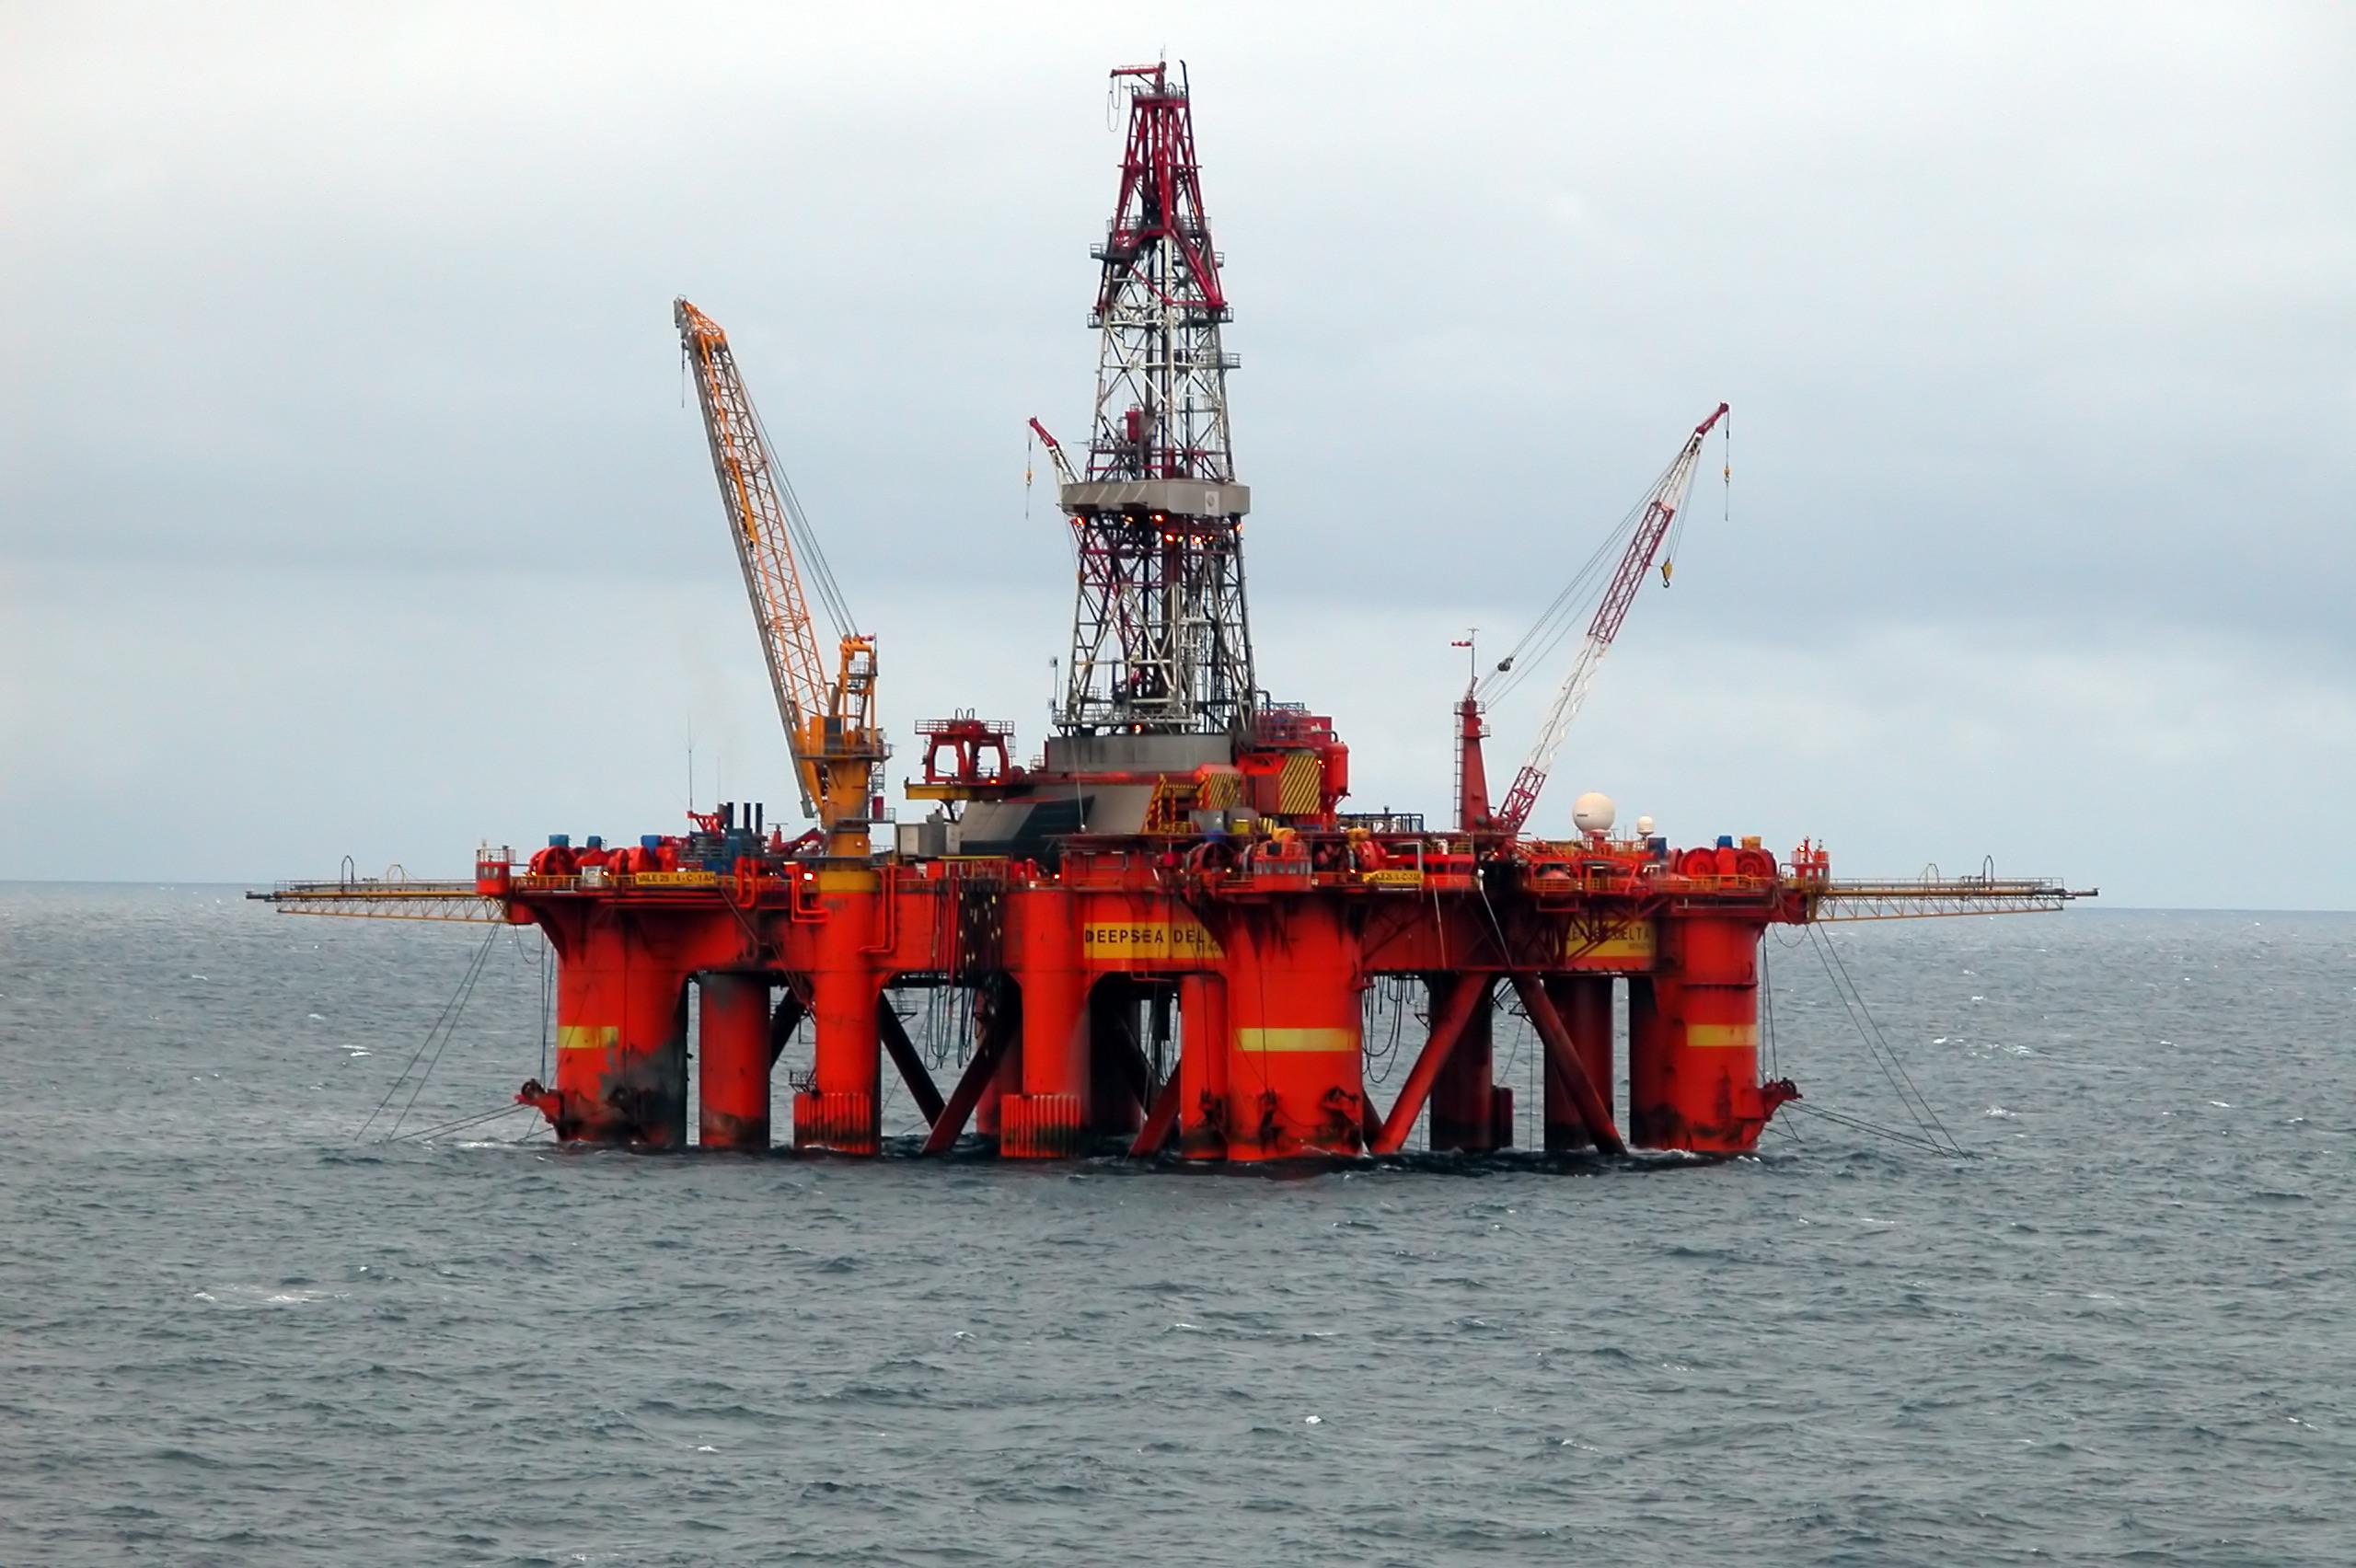 Минэнерго РК и NCOC договорились о разработке плана освоения месторождения Каламкас-море